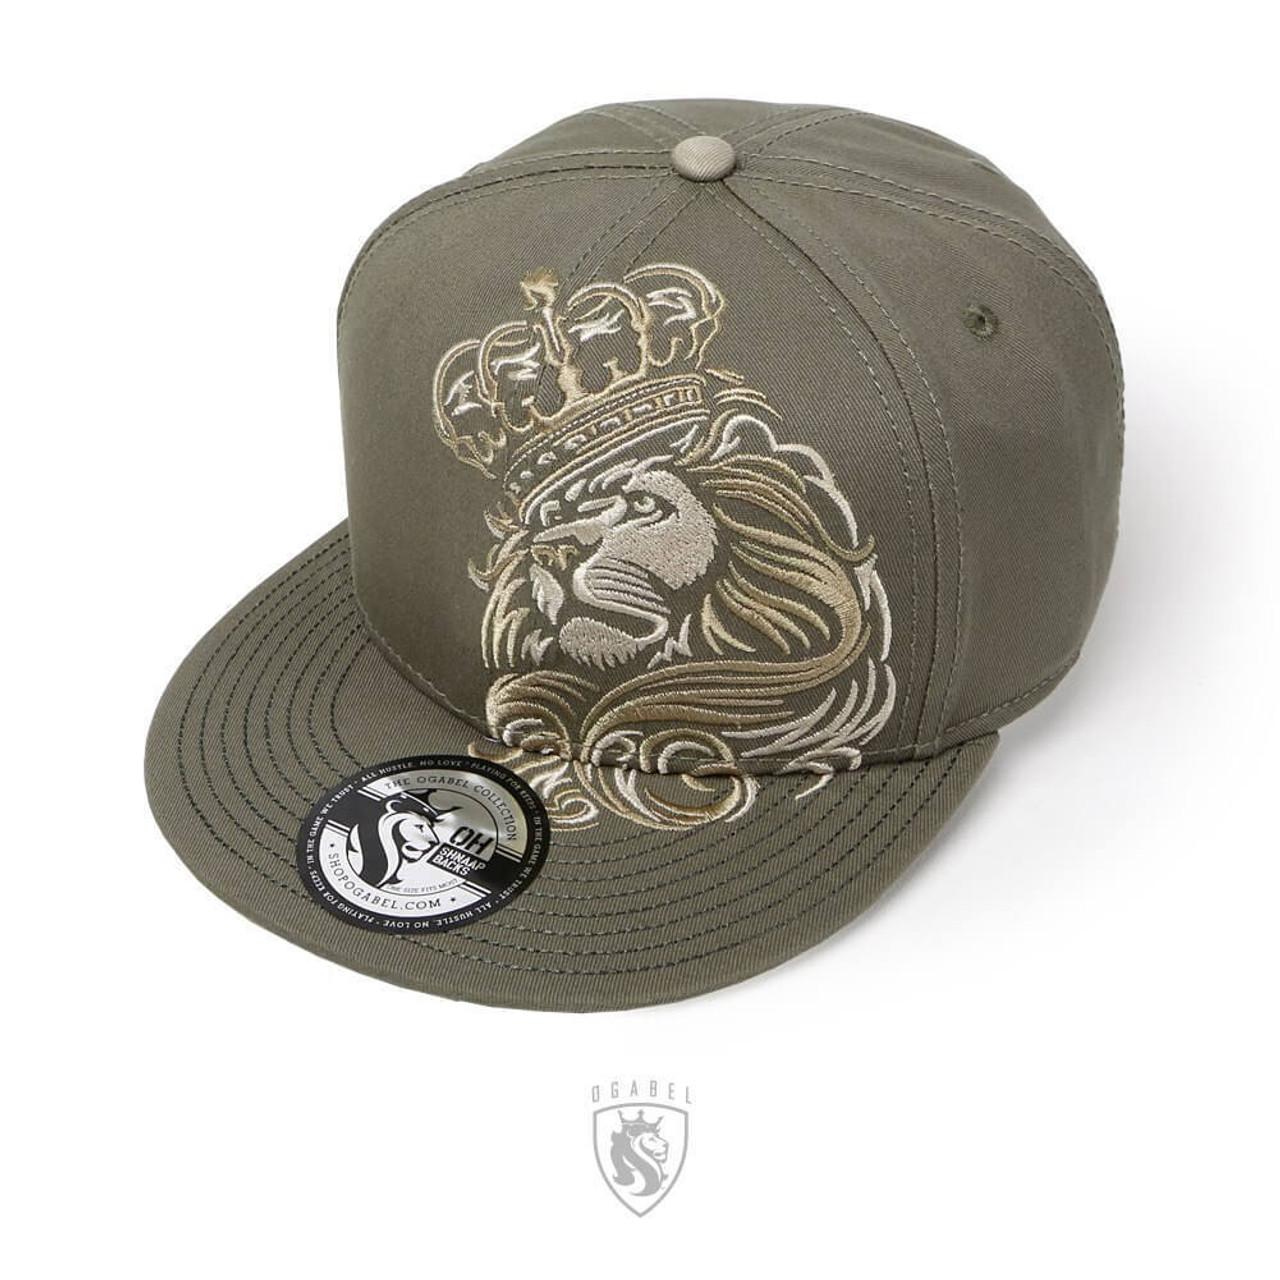 e0e6d543a4ff6 OG Abel Ogabel Crowned Lion King Urban Tattoo Forest Snapback Cap Hat  HTSB005-F